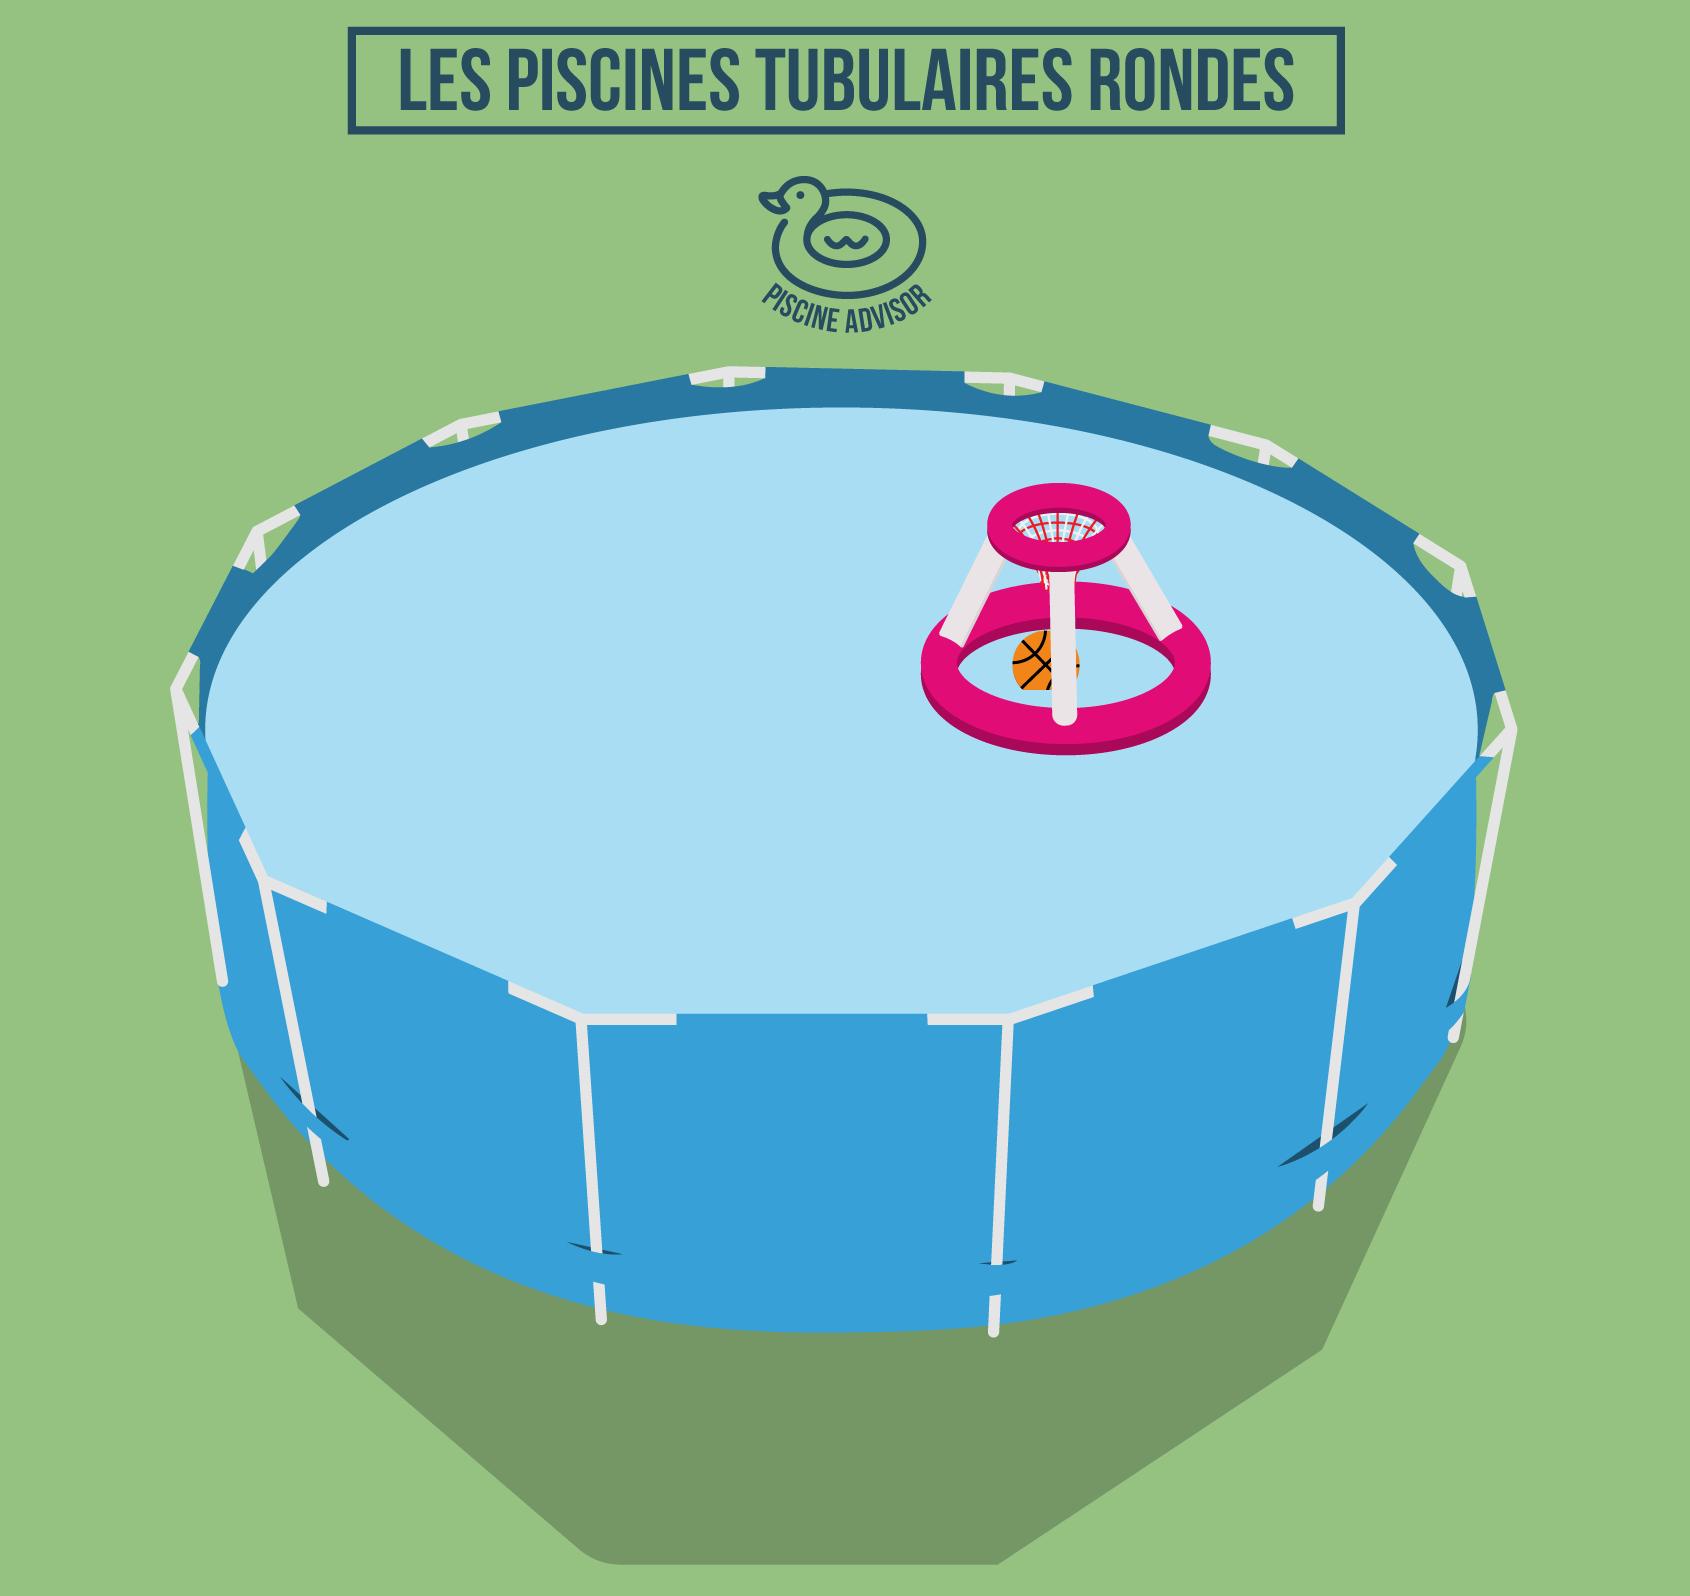 Piscine Tubulaire Ronde : Les 8 Meilleurs Modèles - Piscine ... pour Piscine Autoportée Leroy Merlin